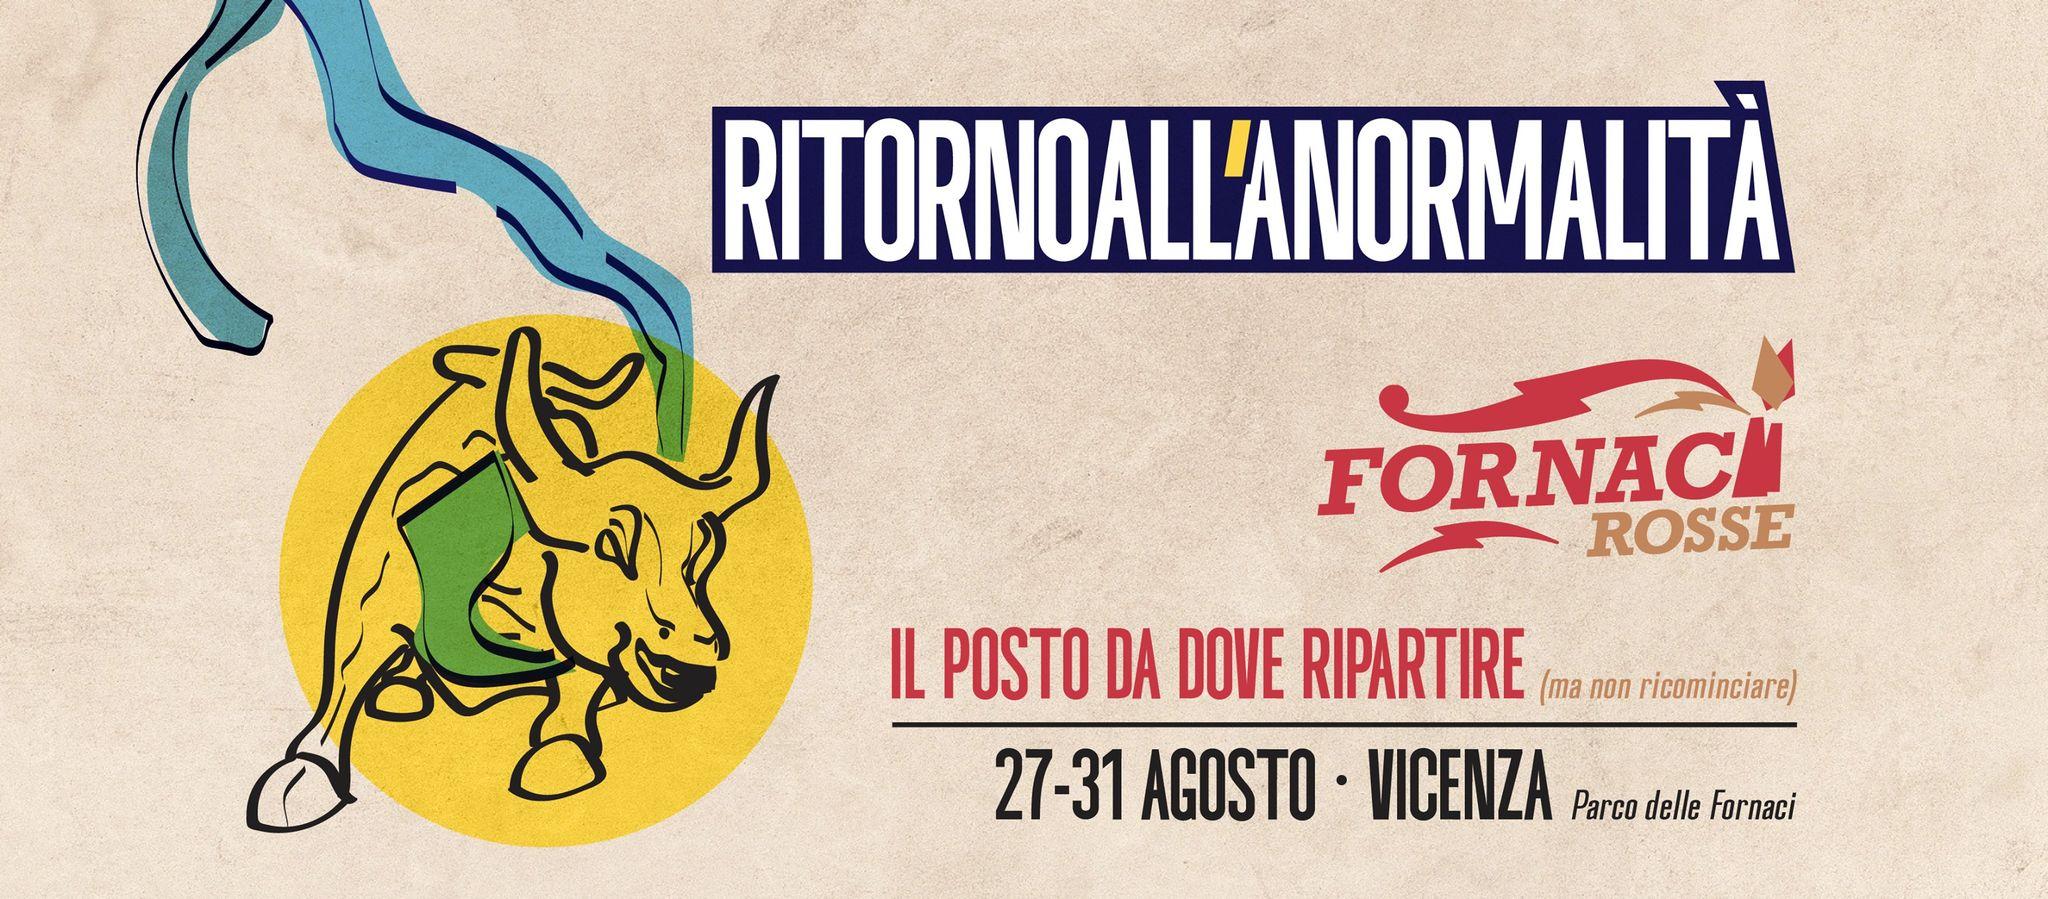 Fornaci Rosse - dibattiti musica cultura associazione città festival Vicenza